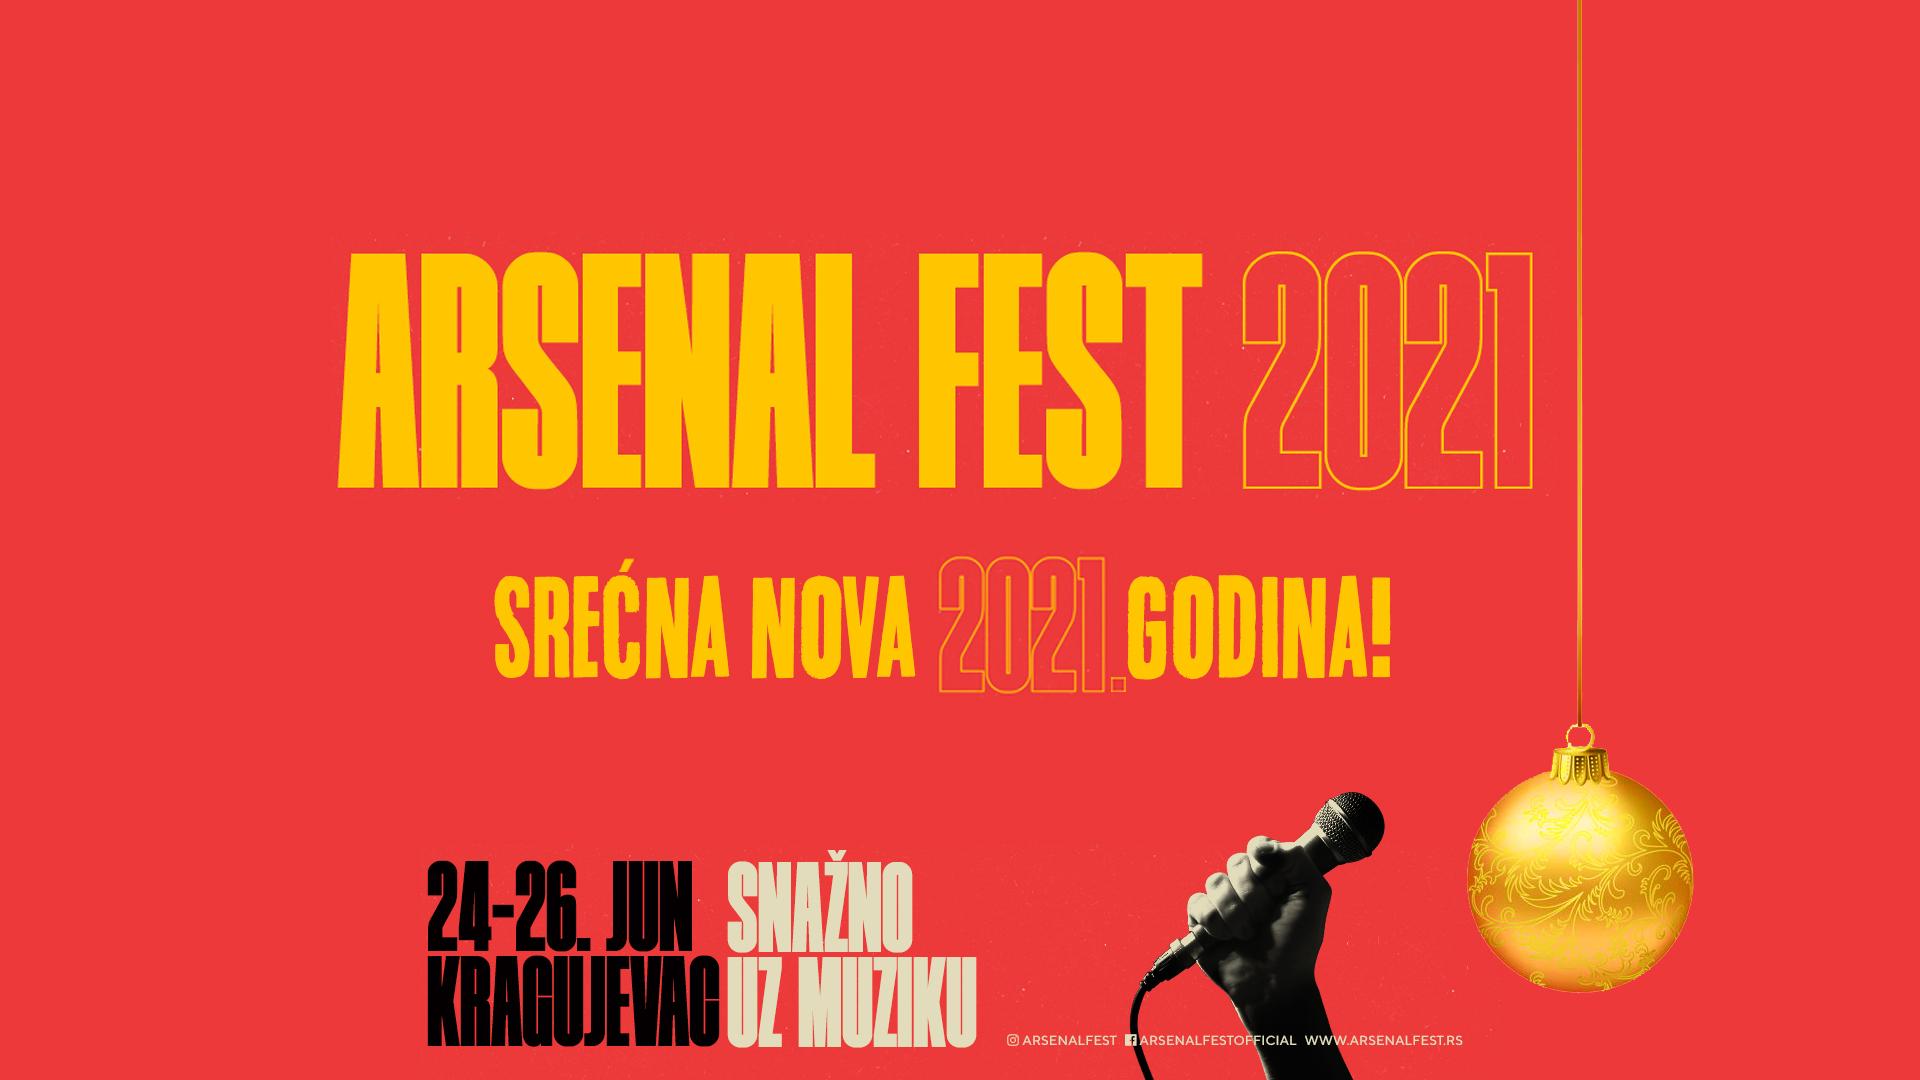 Srećna vam Arsenal 2021 godina!